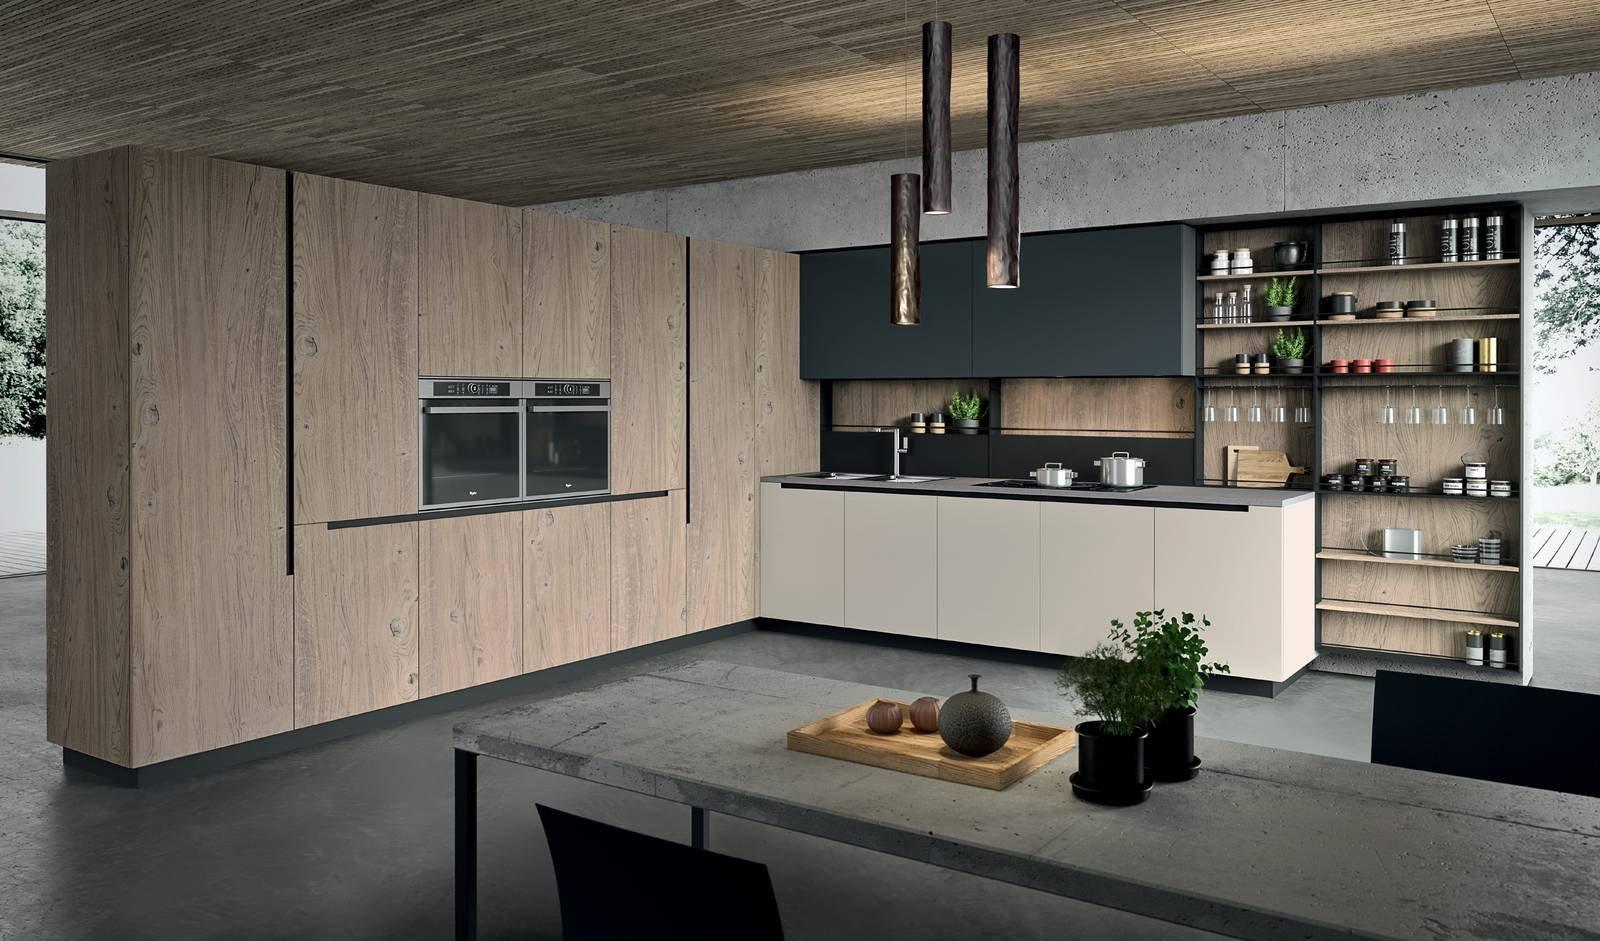 Cucina a l 10 composizioni ad angolo cose di casa - Composizione cucina ad angolo ...